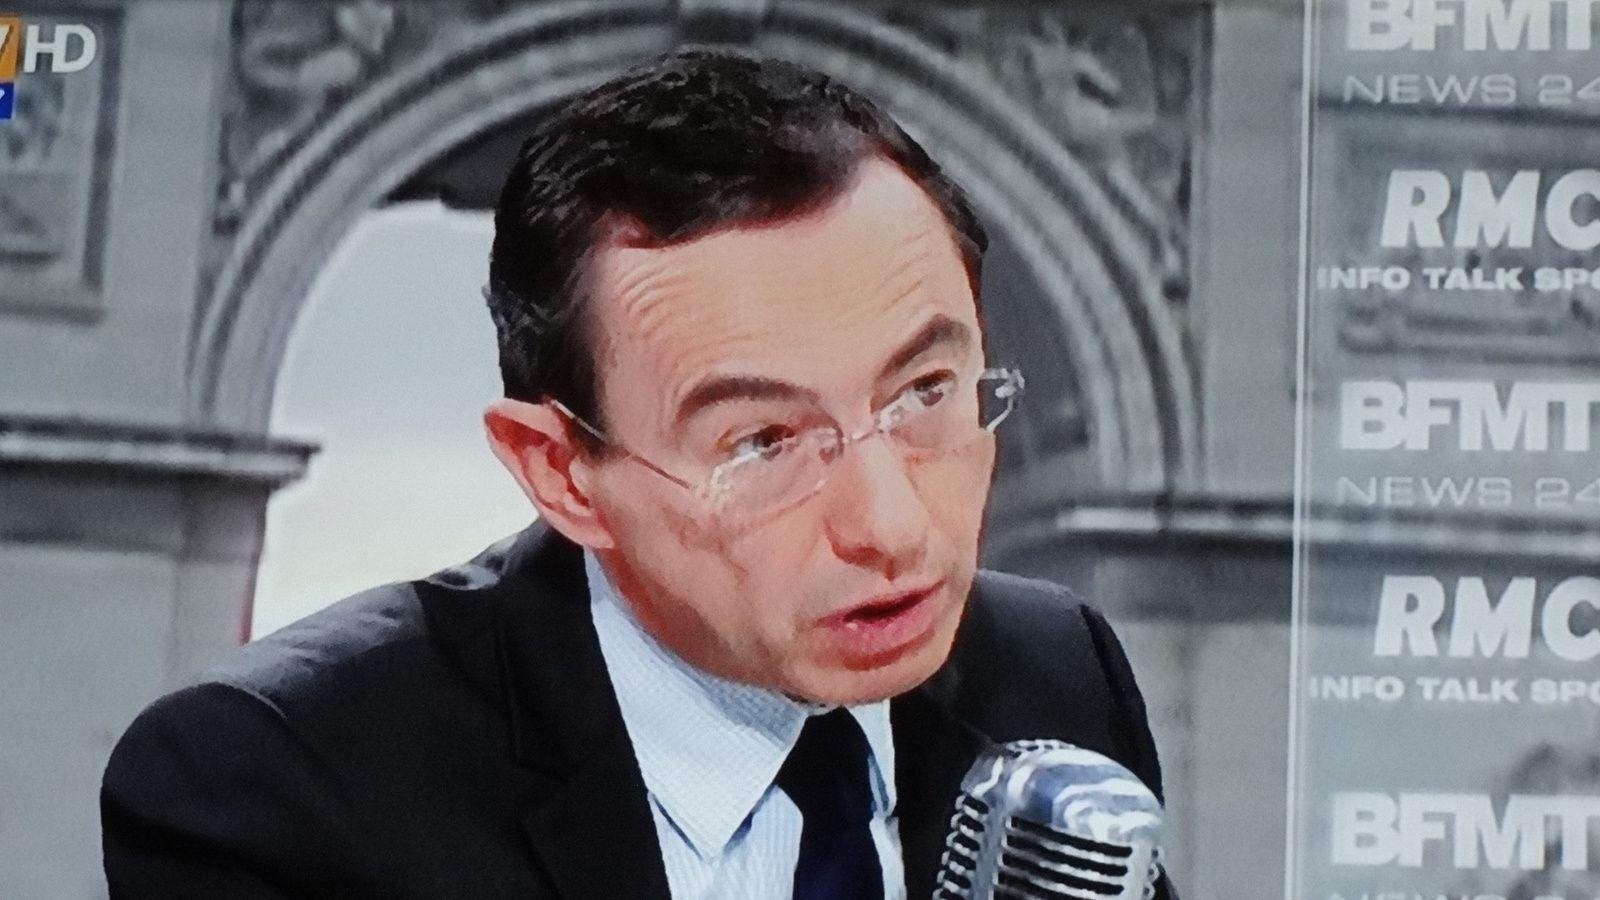 Le Sénateur Bruneau RETAILLEAU, invité par J.J BOURDIN ,e 11/02/2016 à B F M T V.